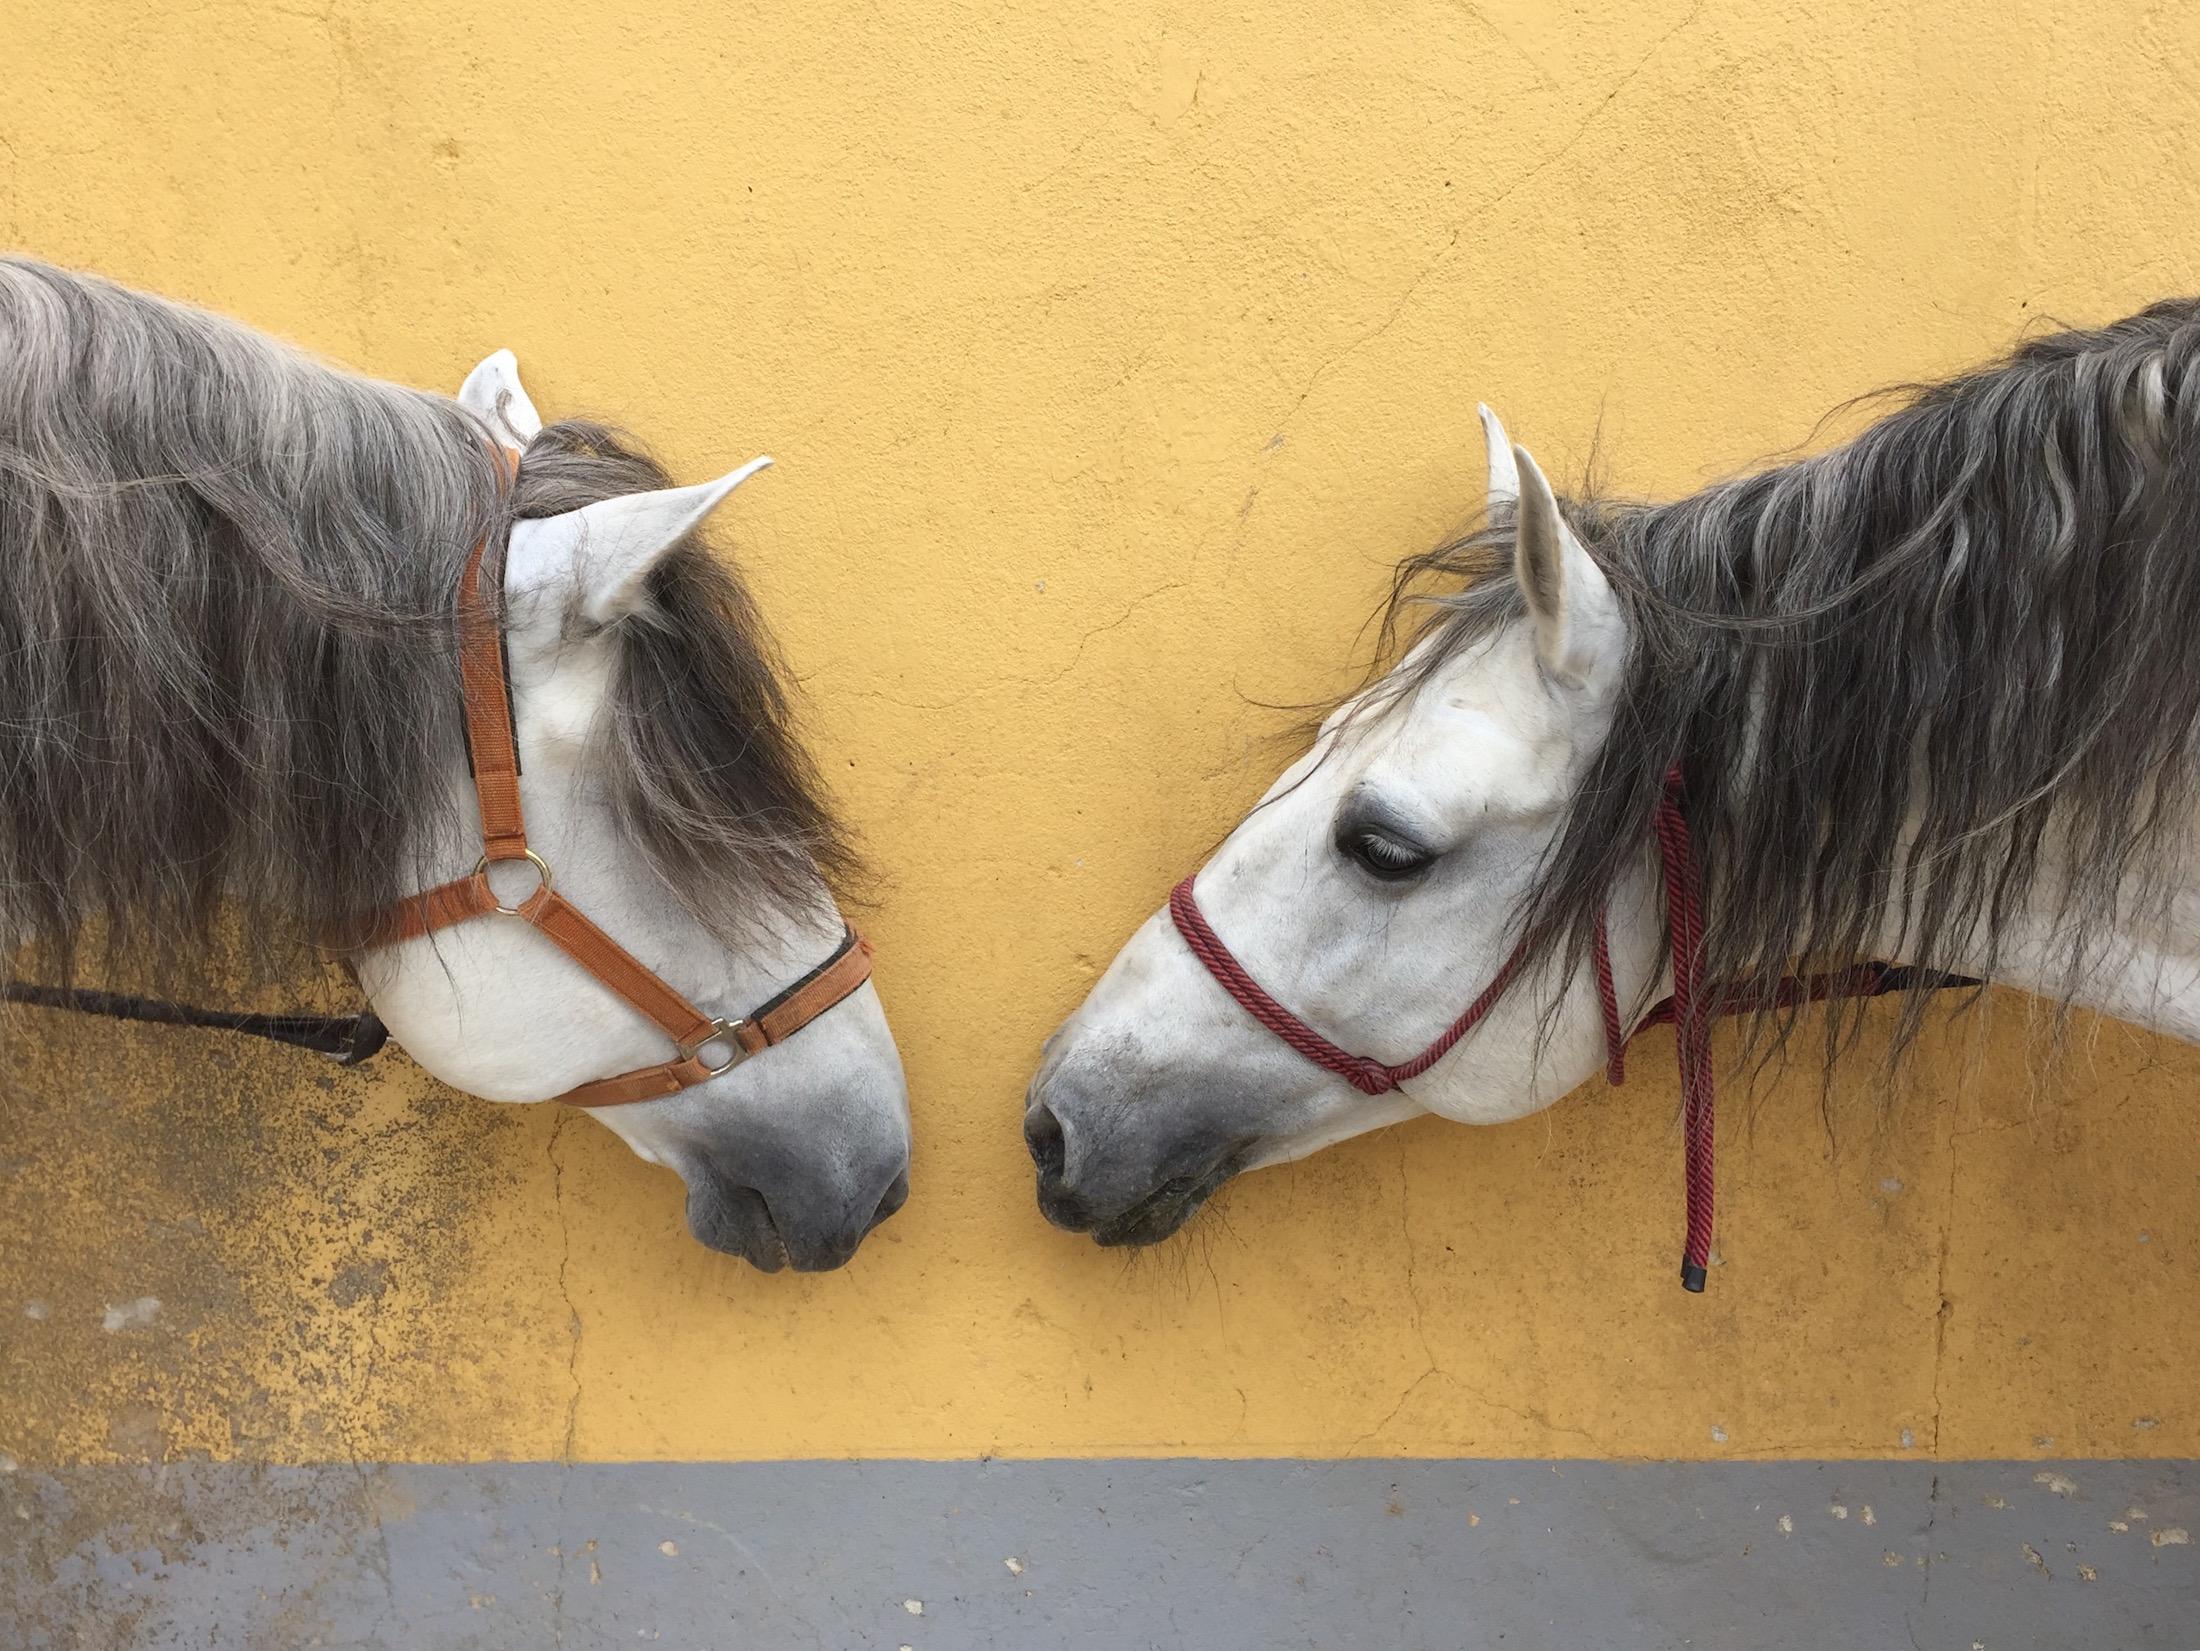 Uli and Xibi